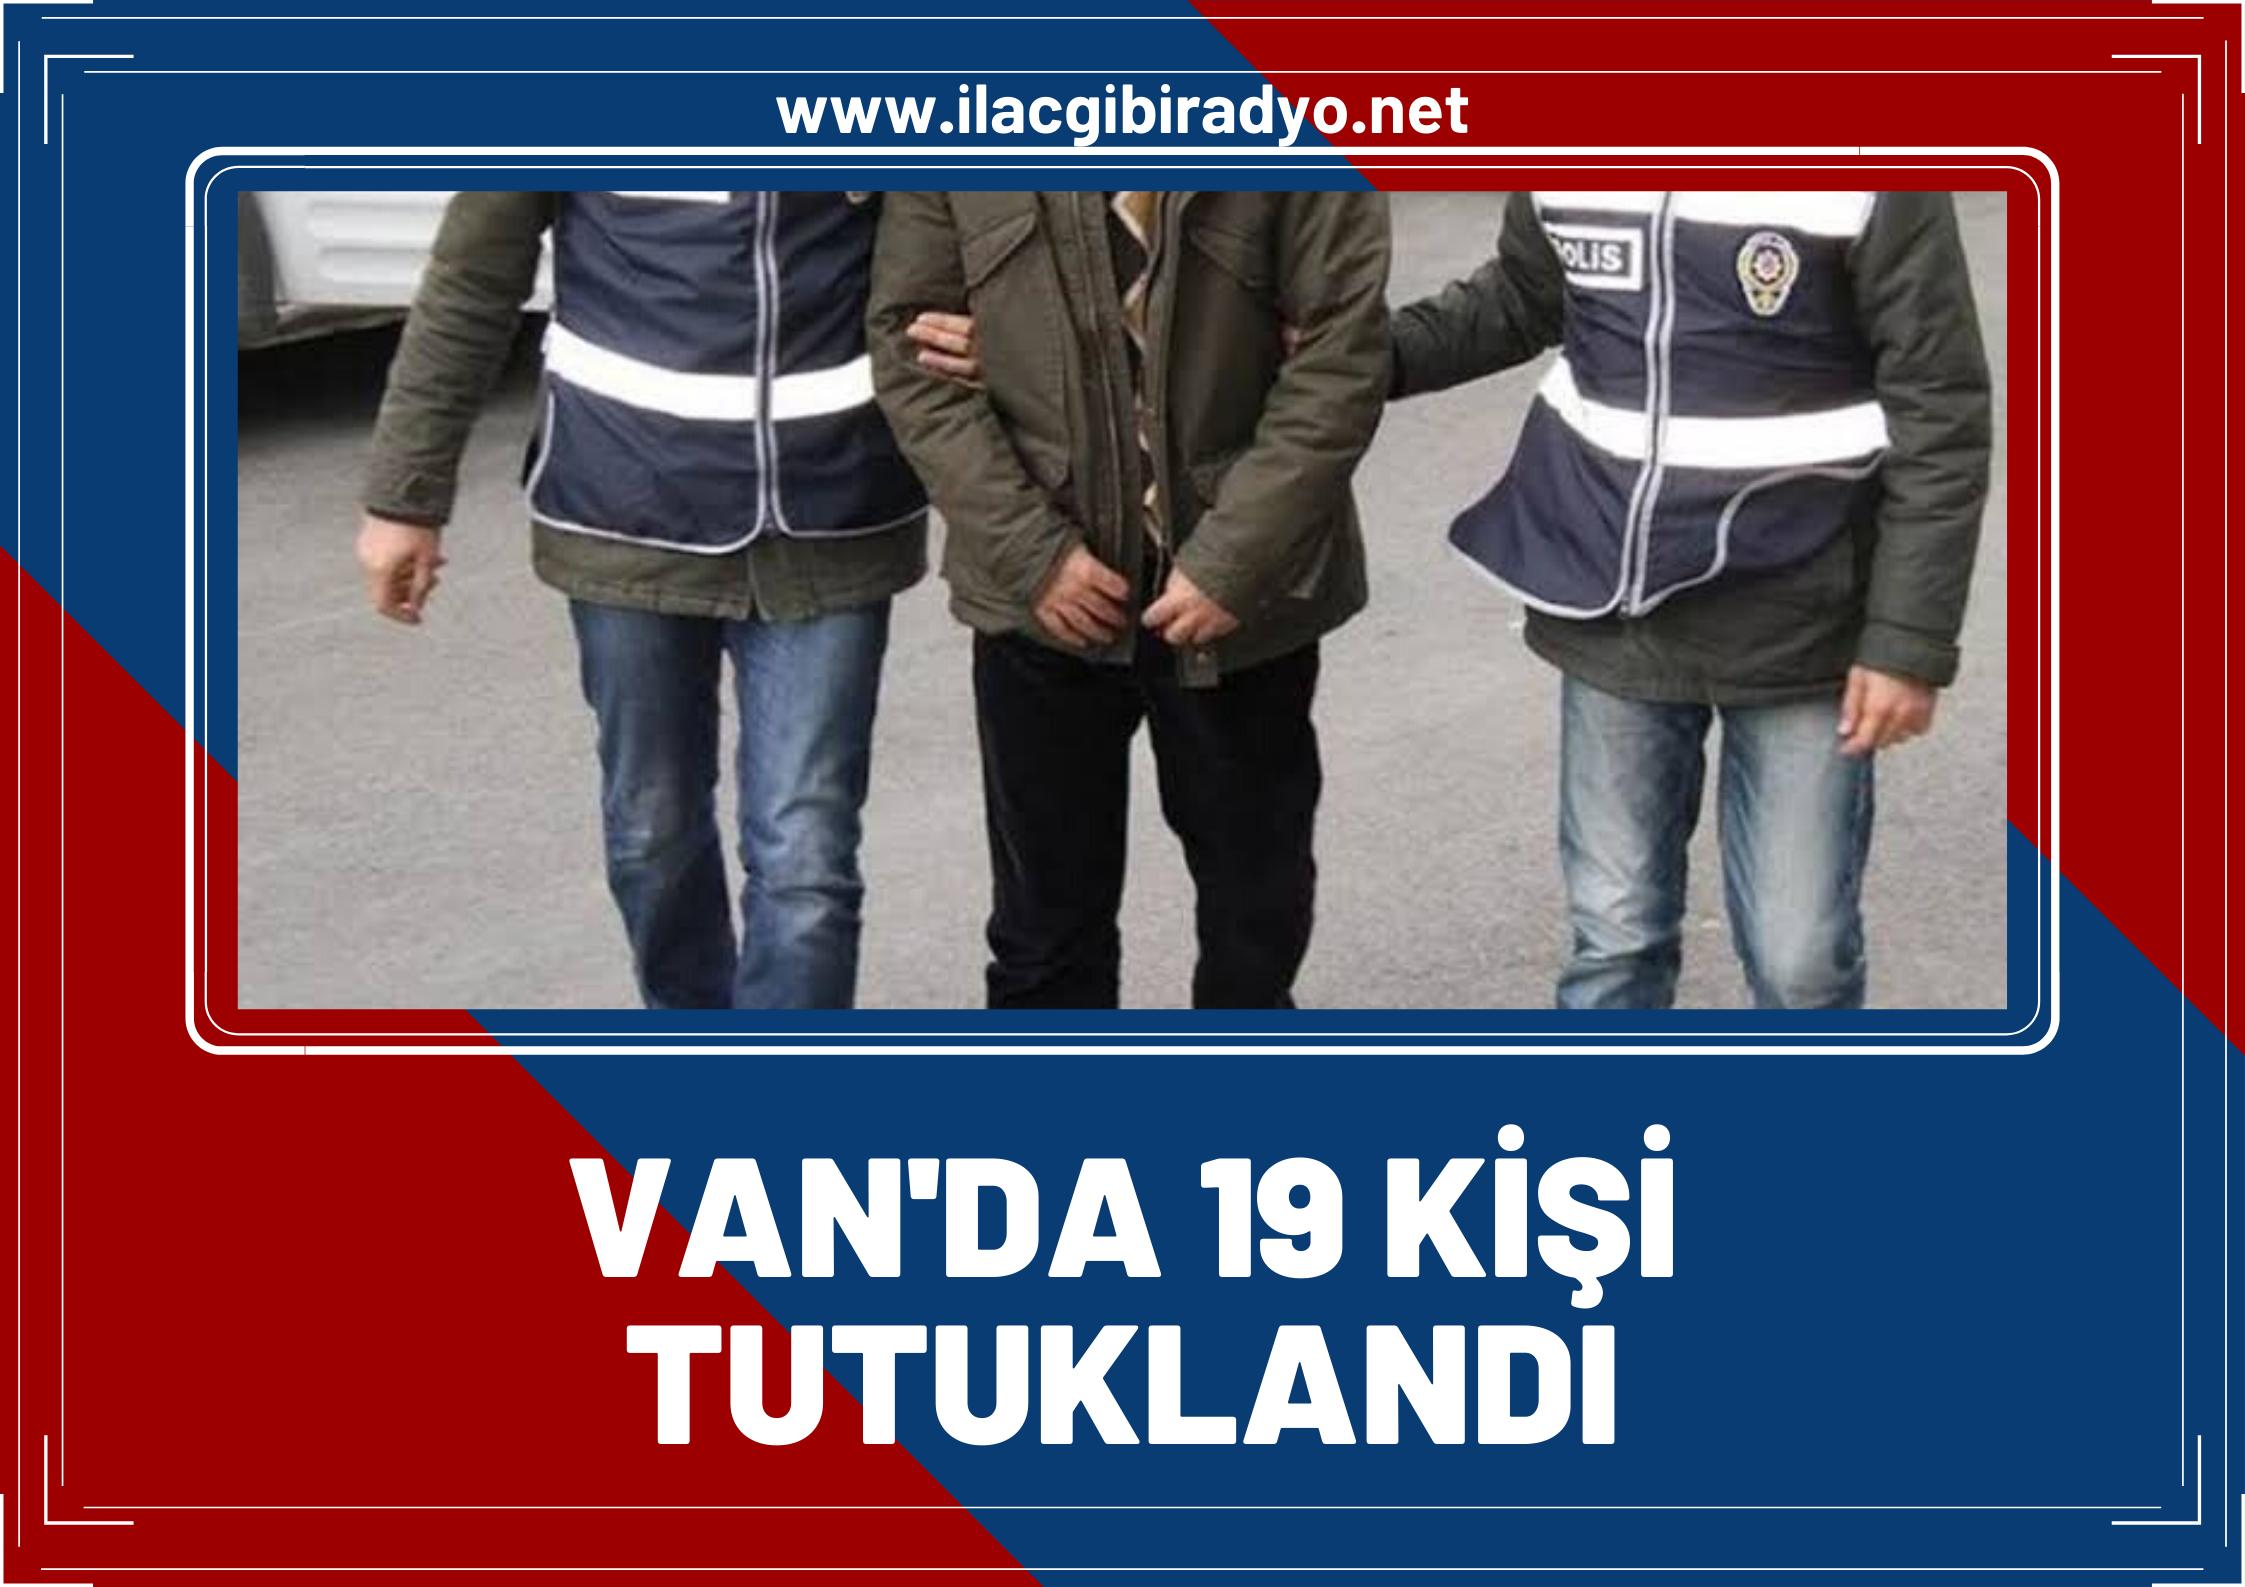 Van'da çeşitli suçlardan aranan 19 kişi tutuklandı!